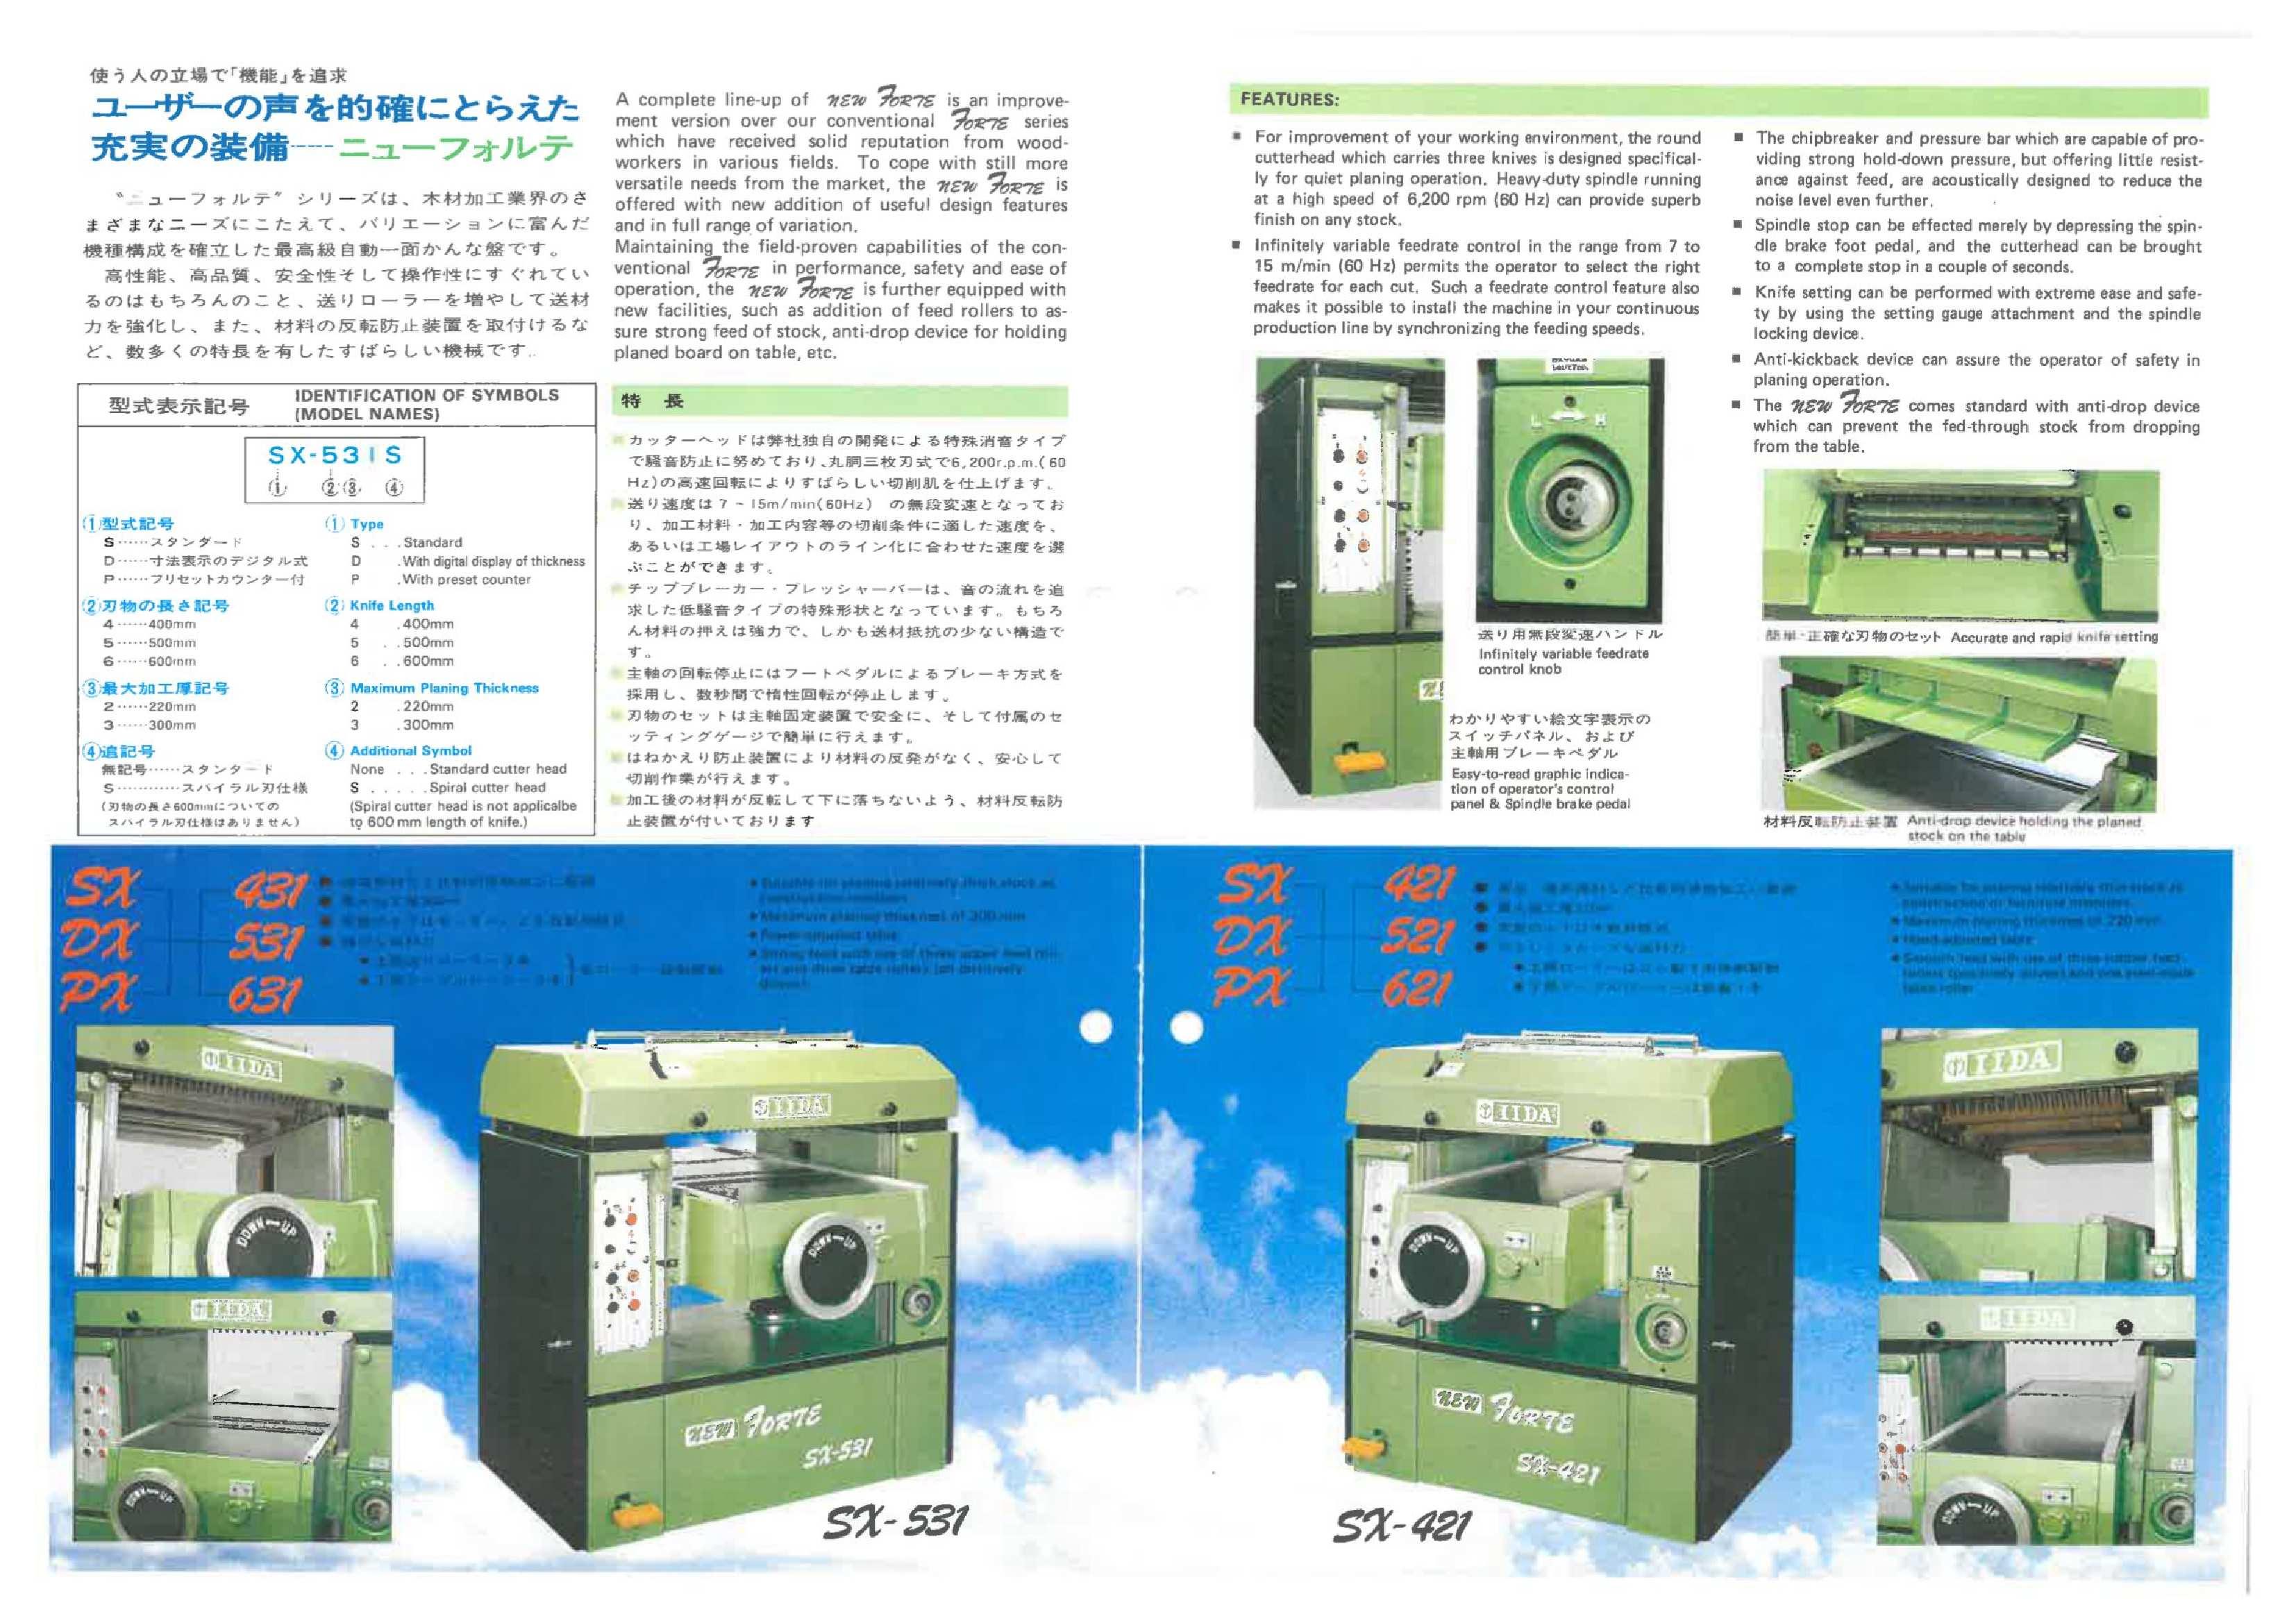 中古木工機械 自動一面鉋盤 飯田工業